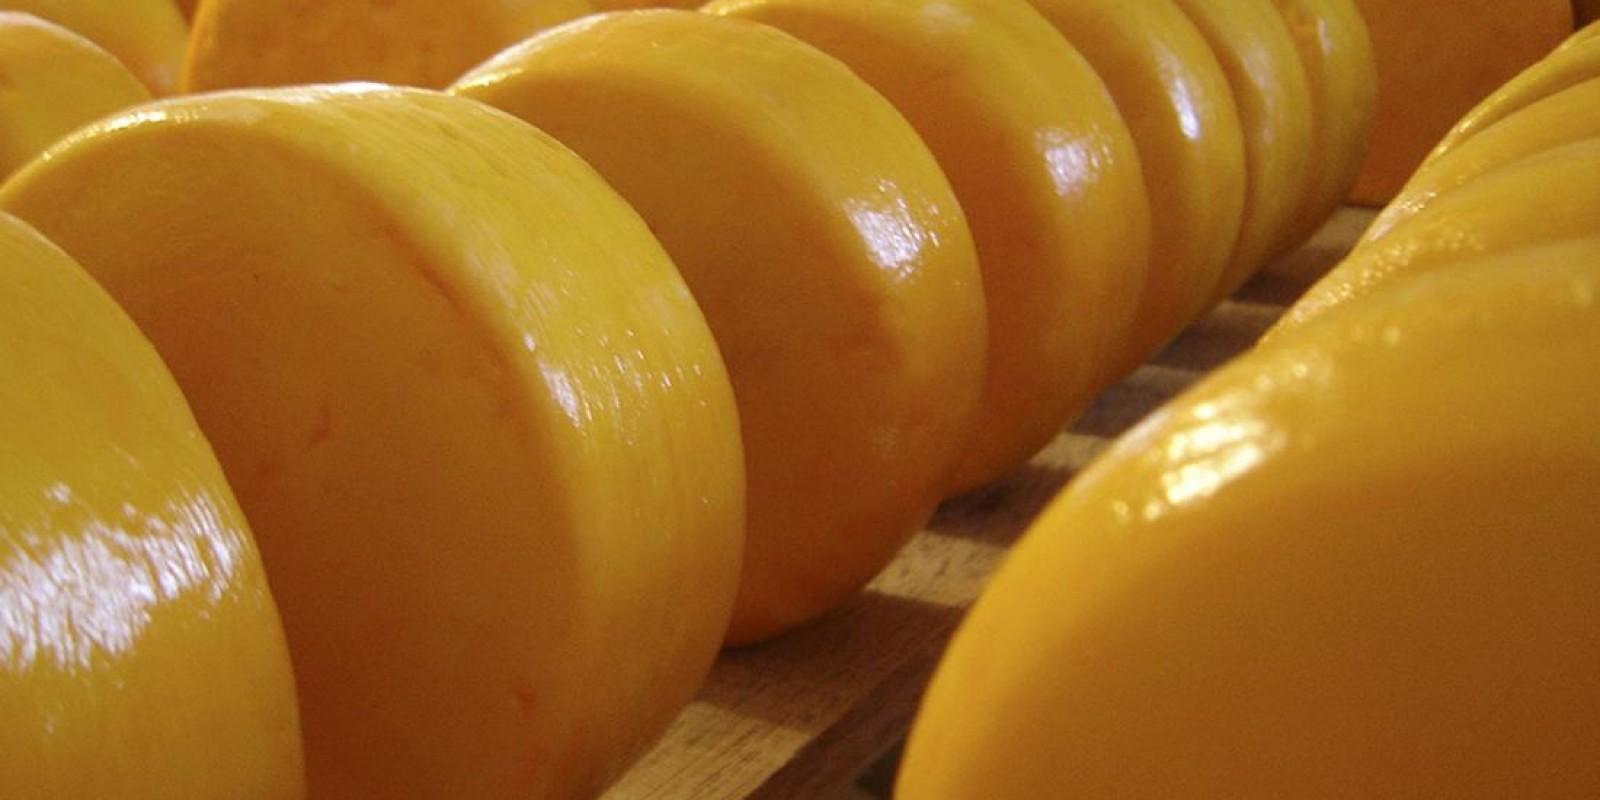 Governo de Minas libera recursos para a pesquisa na área de queijos artesanais